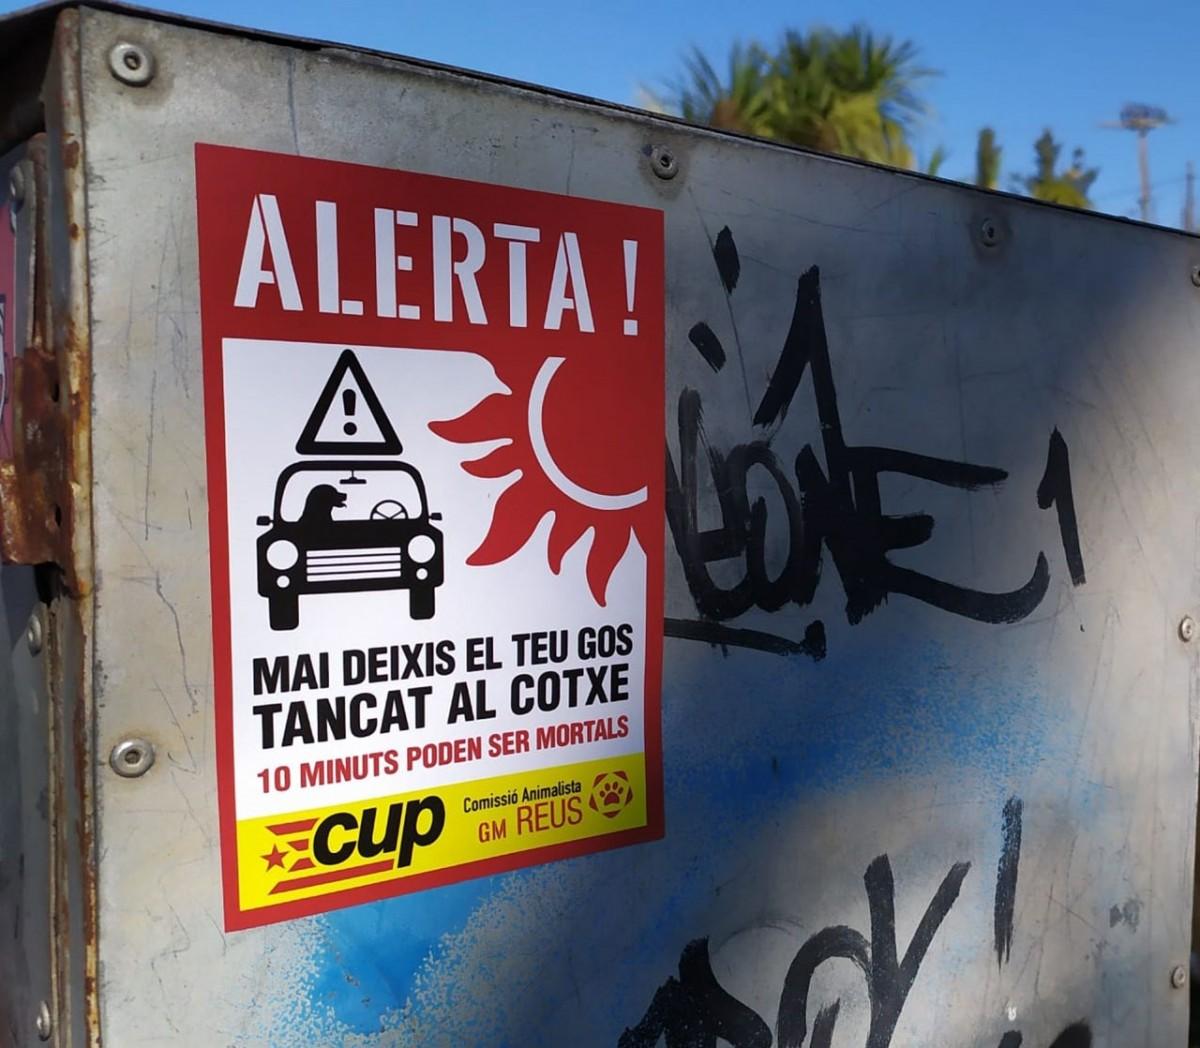 La campanya vol evitar que la gent es deixi el gos tancat al cotxe patint calor